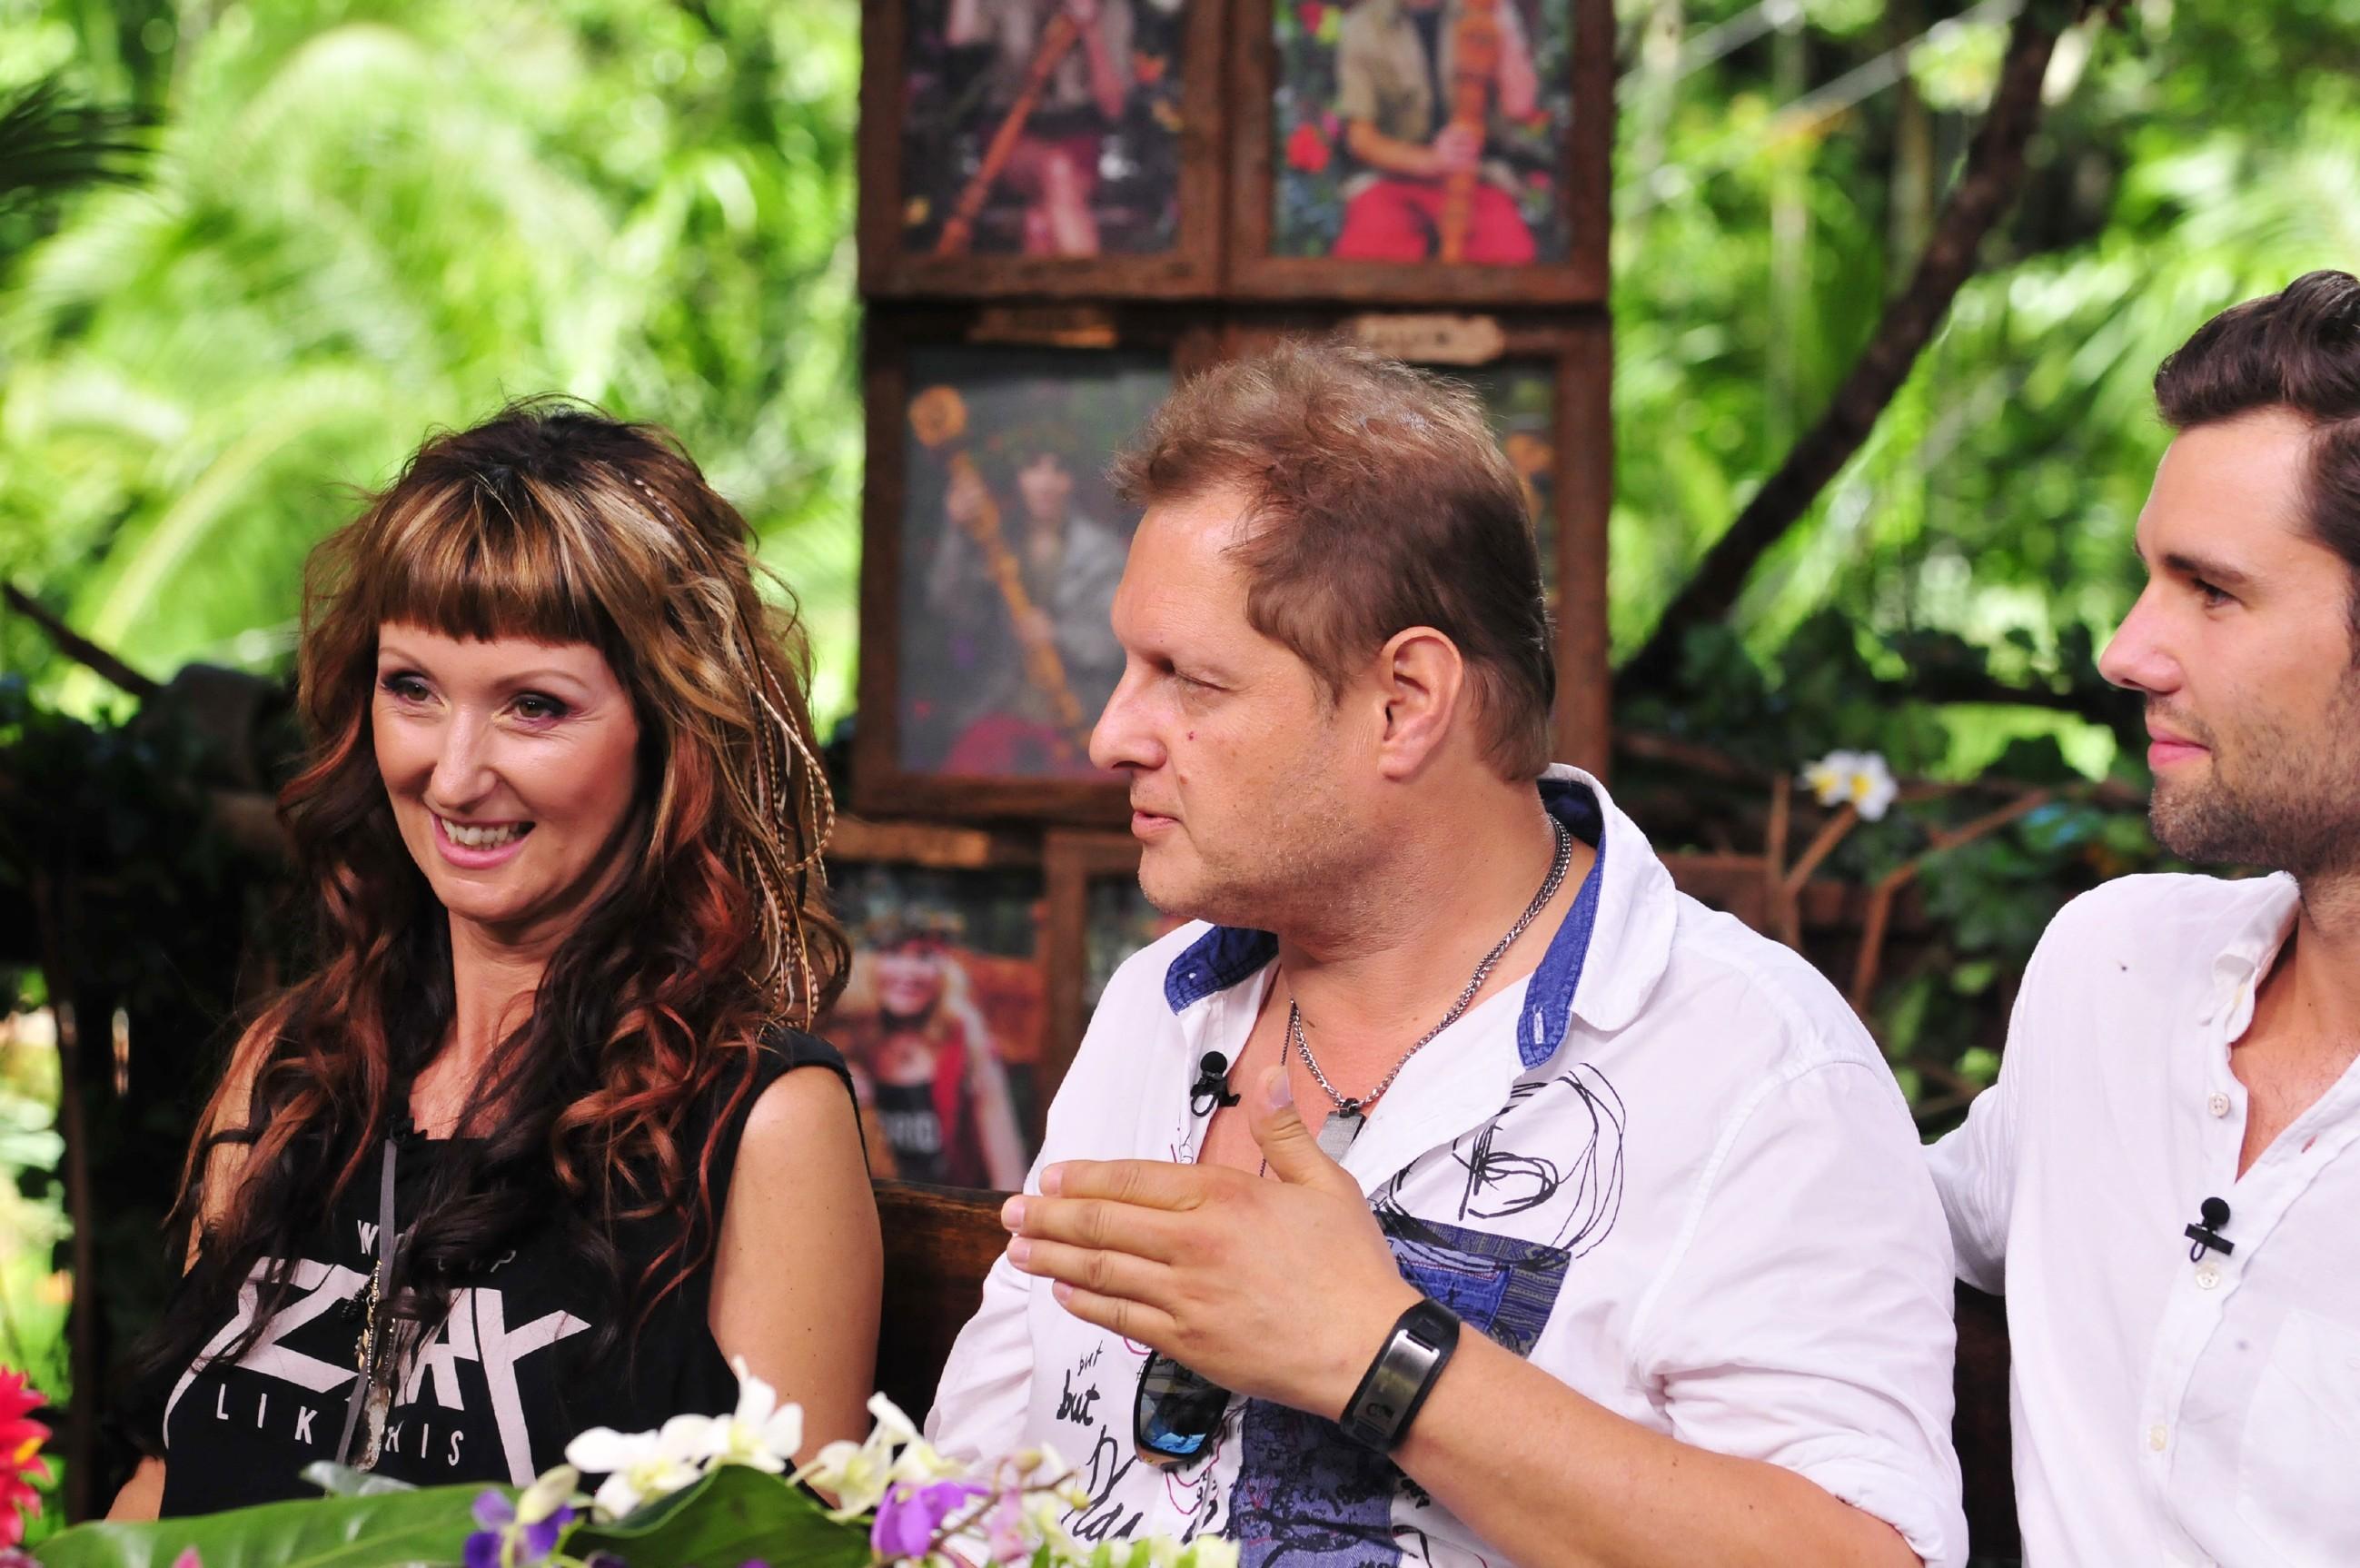 Dschungelcamp Das große Wiedersehen - Hanka Rackwitz und Jens Büchner